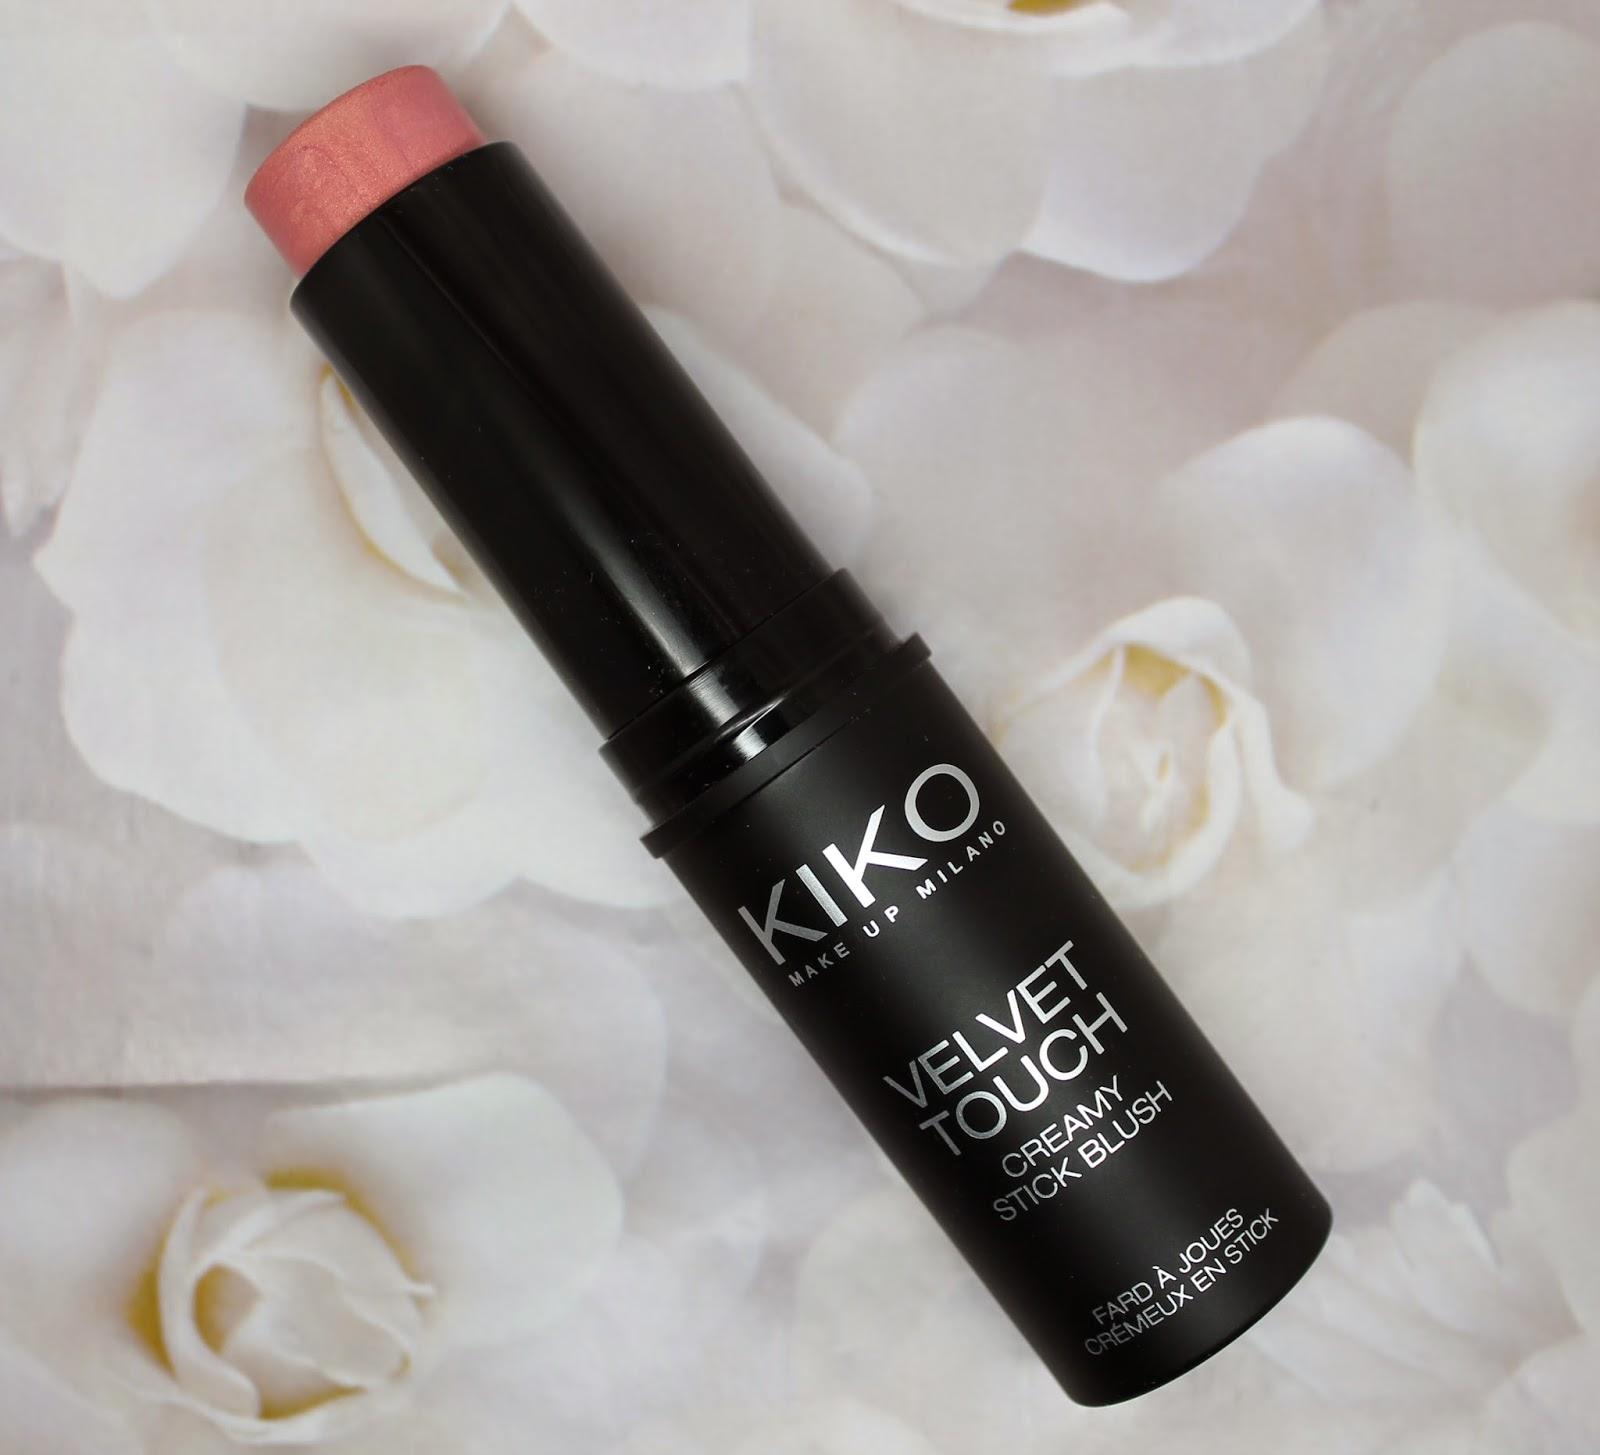 Kiko Velvet Touch Cramy Stick Blush